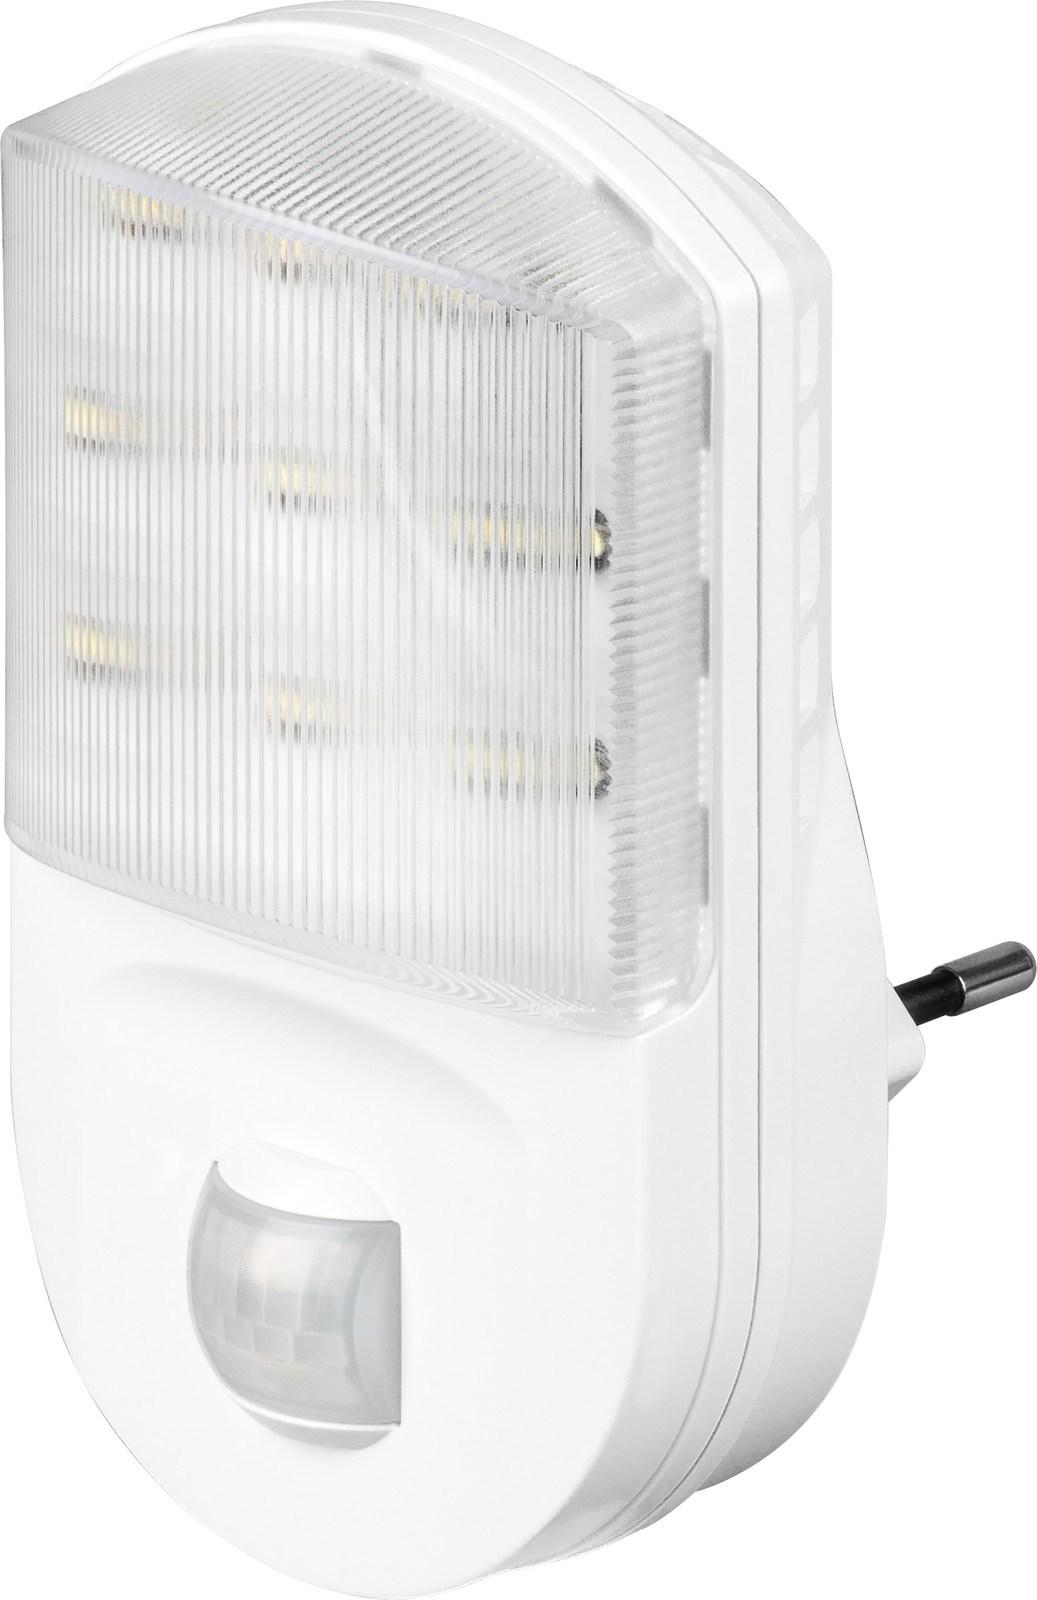 led nachtlicht mit bewegungsmelder f r steckdose nachtlicht nachtlampe ip20 gang ebay. Black Bedroom Furniture Sets. Home Design Ideas